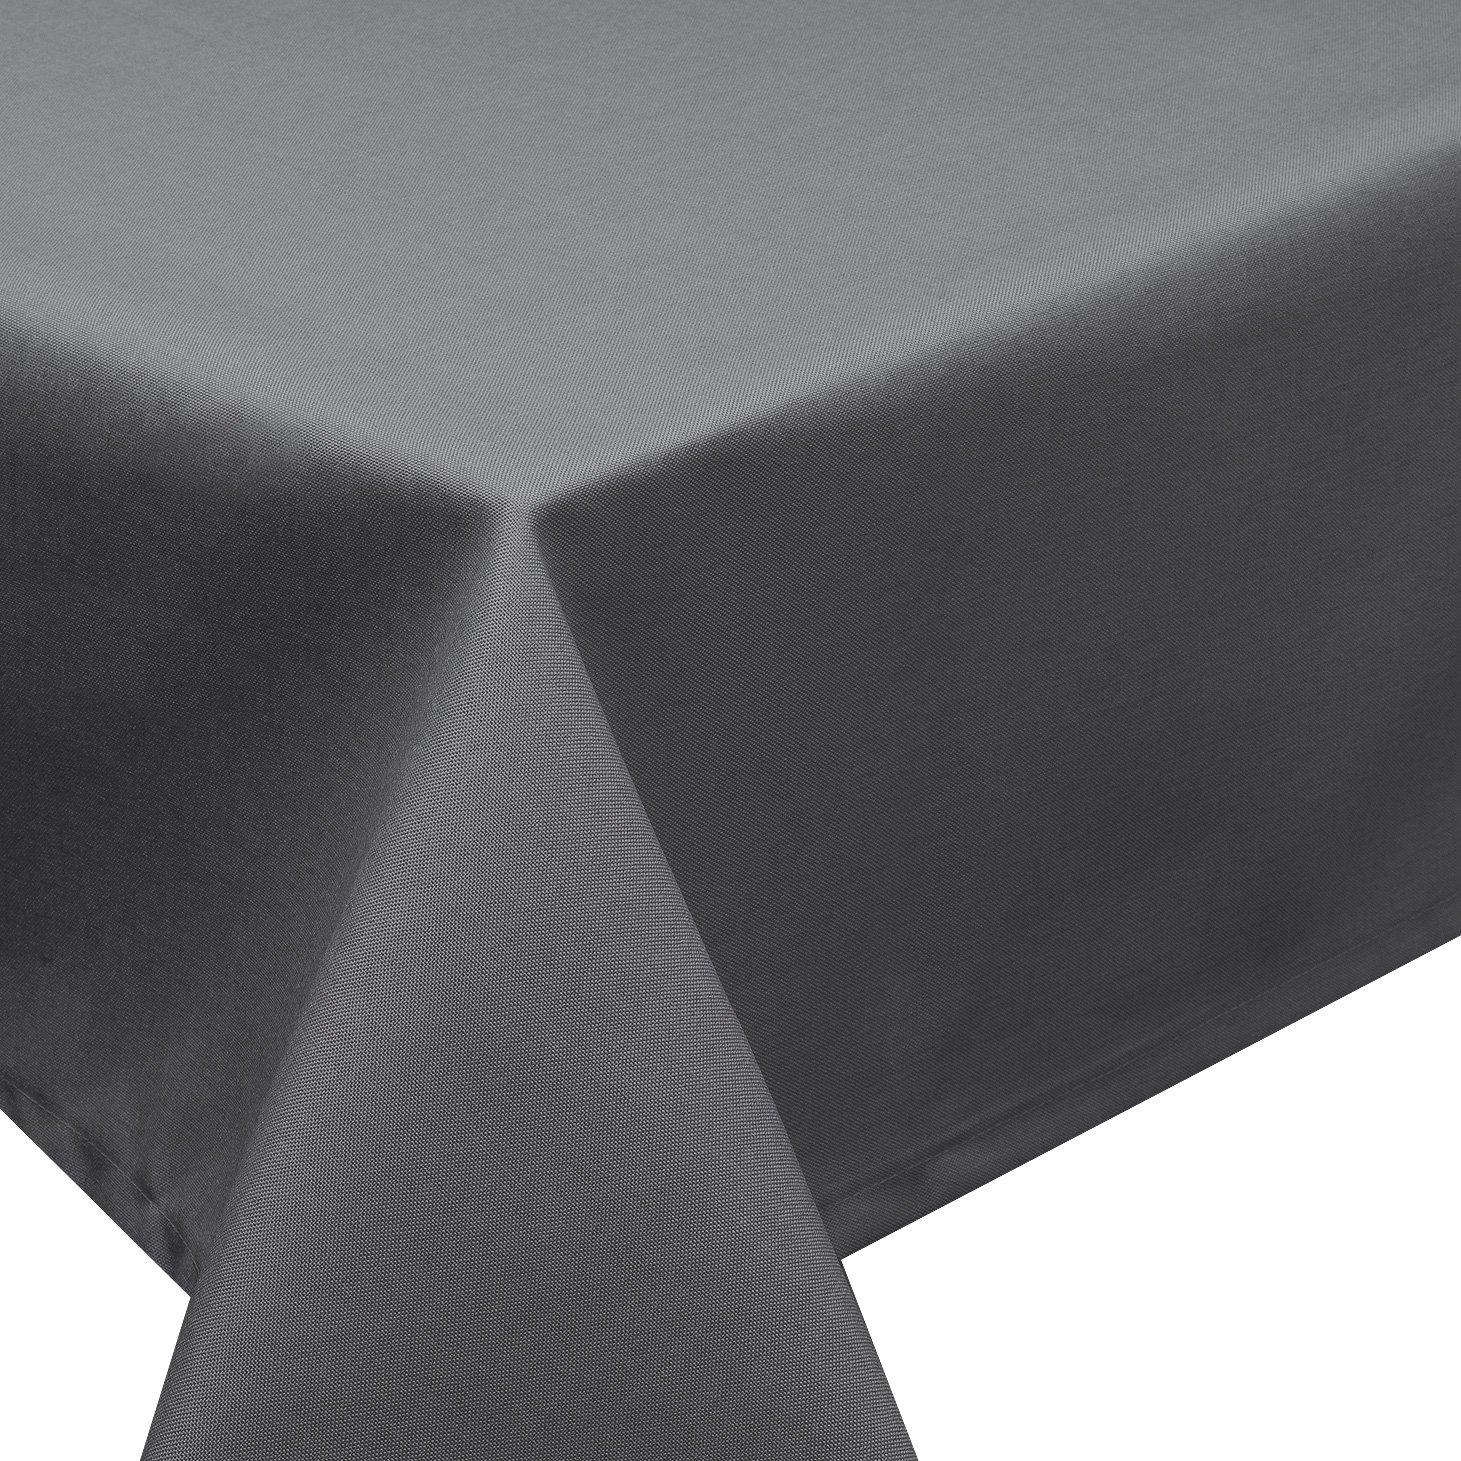 Tischdecke Fleckschutz Lotus Effekt Garten Leinenoptik abwaschbar in 27 Größen und 15 Farben in eckig, oval und rund Farbe  anthrazit eckig 160x320 cm B06WP71Y6V Tischdecken